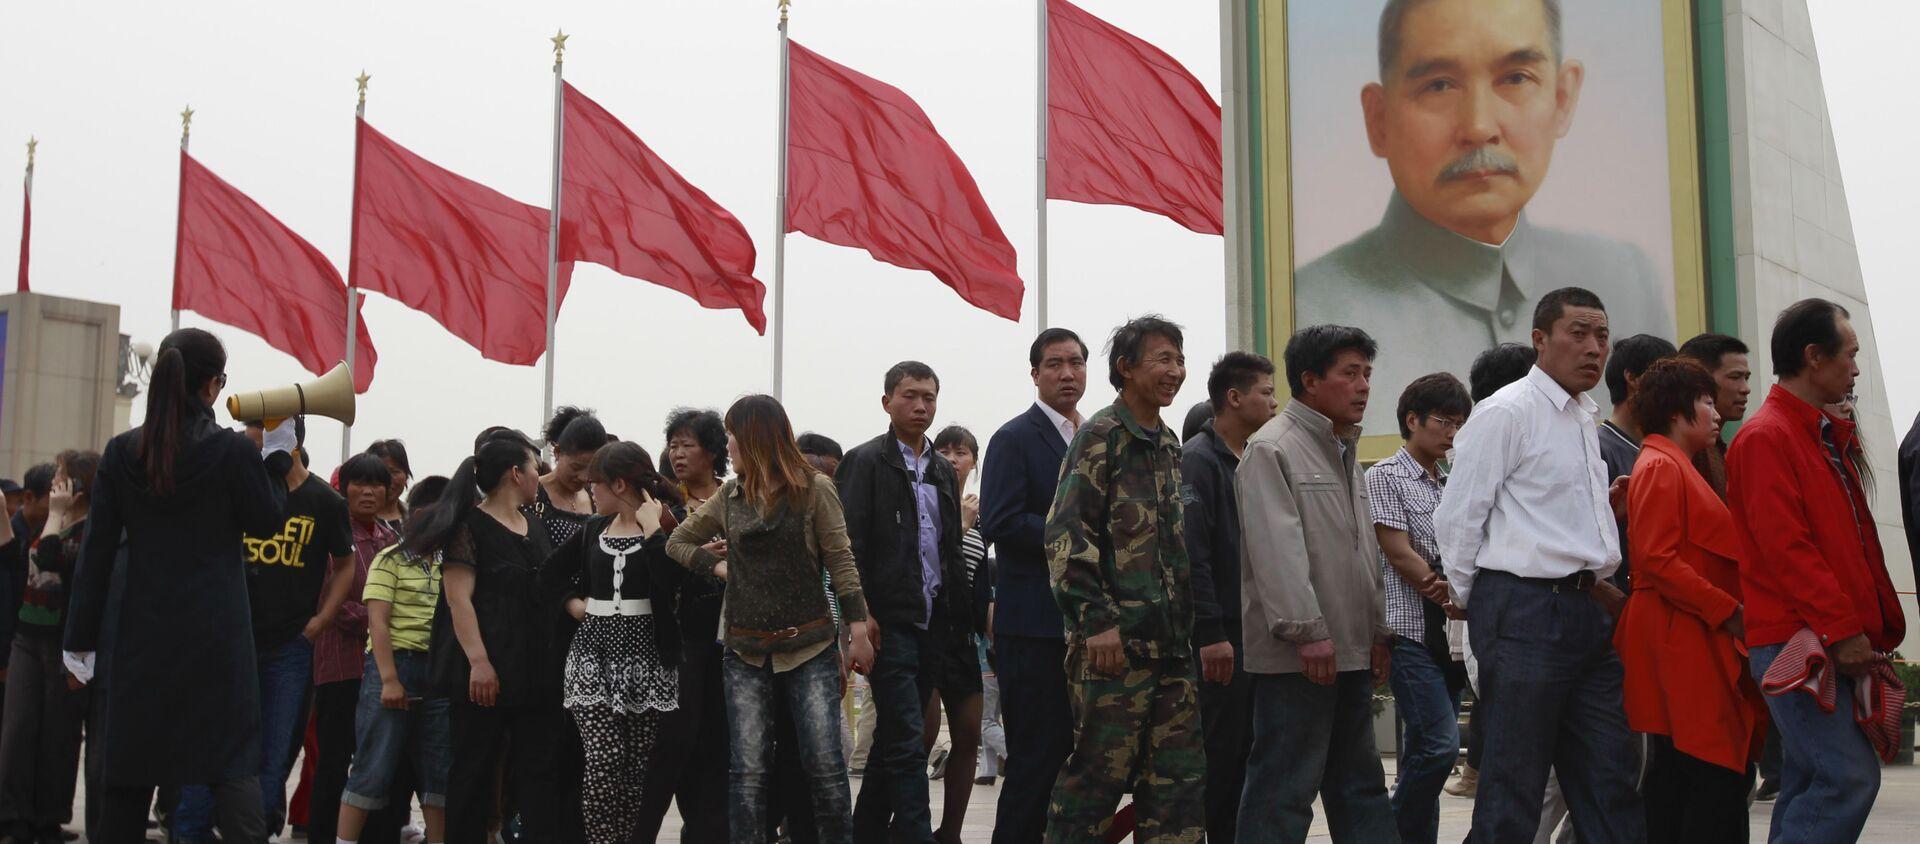 Ngày lễ 1 tháng Năm ở Bắc Kinh, Trung Quốc - Sputnik Việt Nam, 1920, 01.05.2021